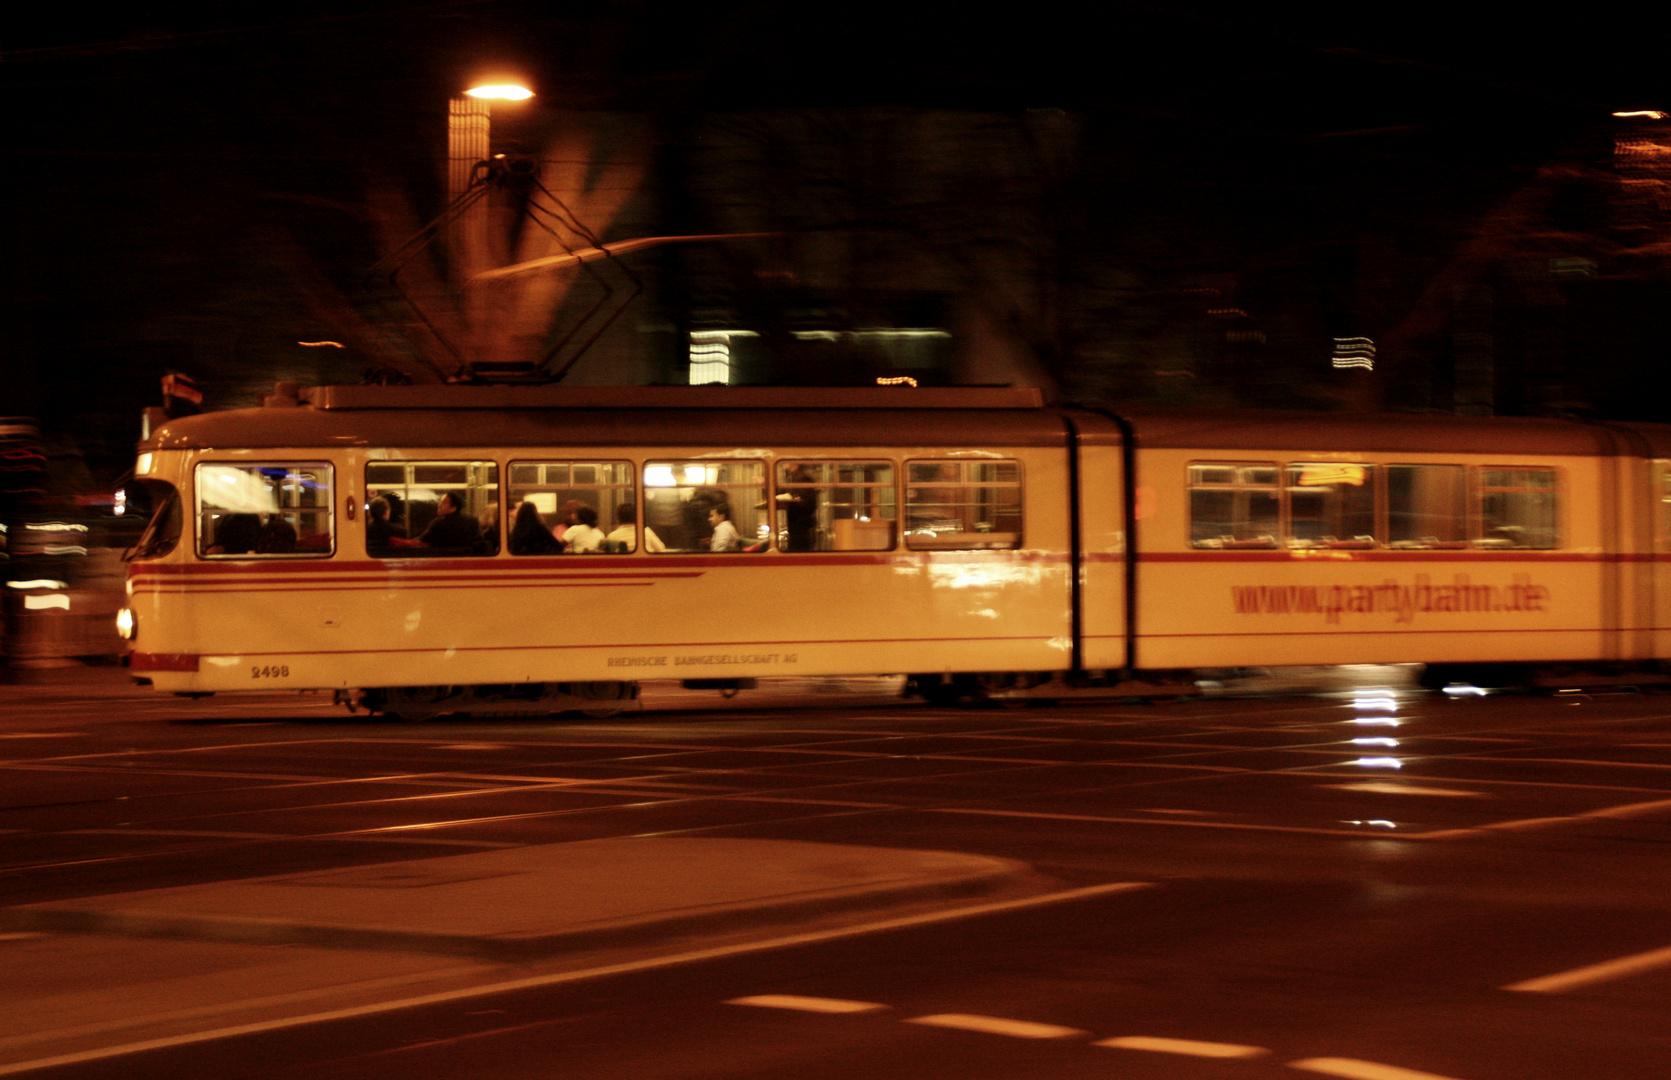 Partybahn in Düsseldorf